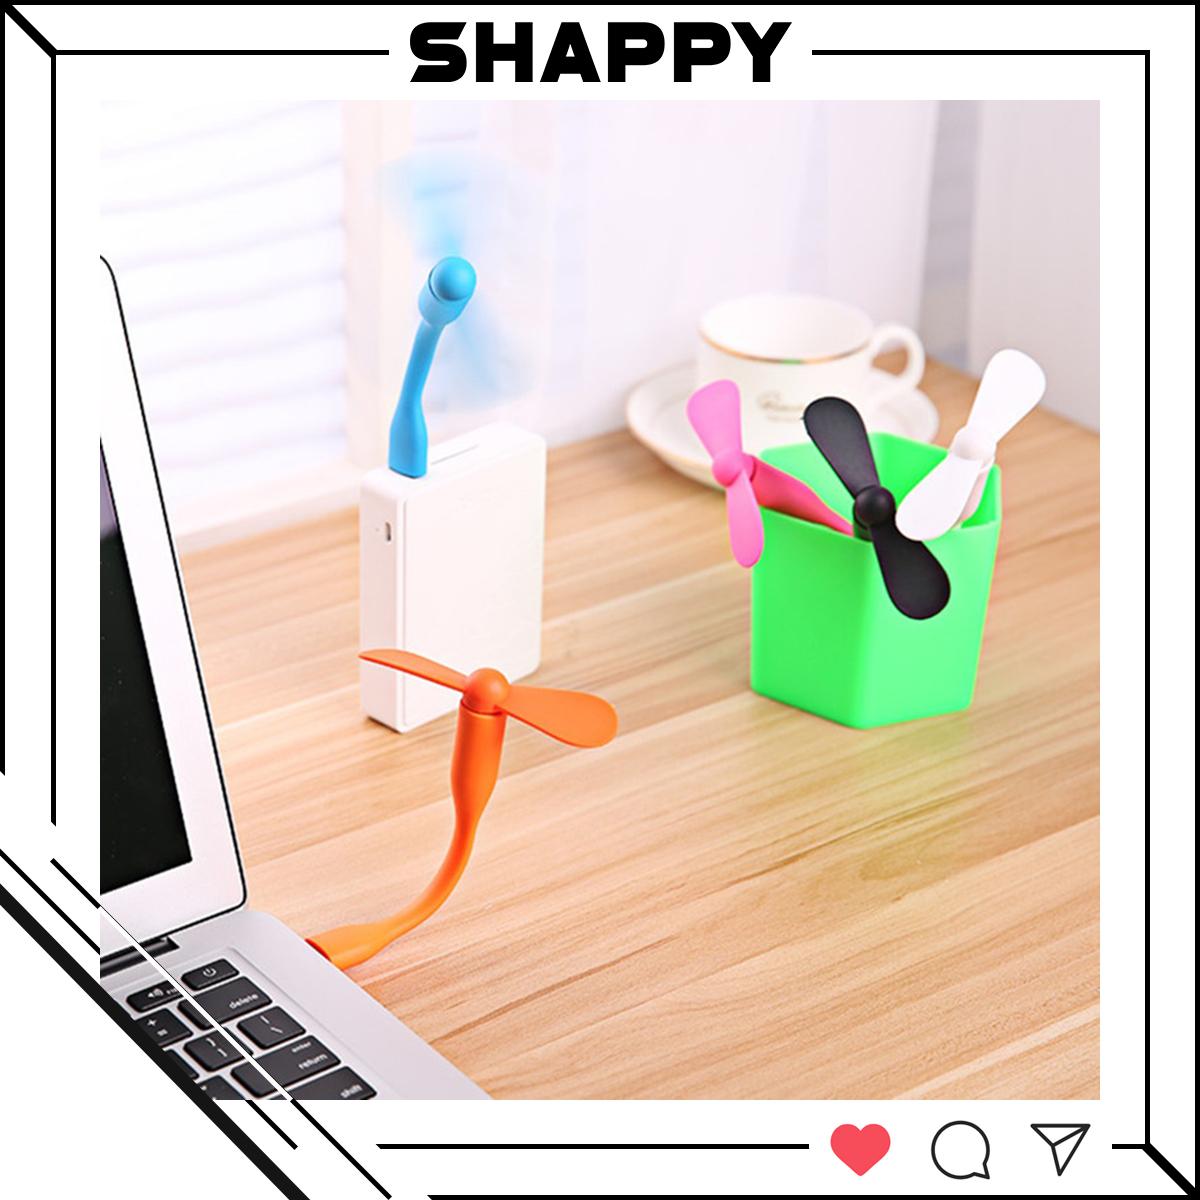 Quạt Mini Cổng USB 2 Cánh Tháo Rời - Giao Màu Ngẫu Nhiên [Shappy Shop]